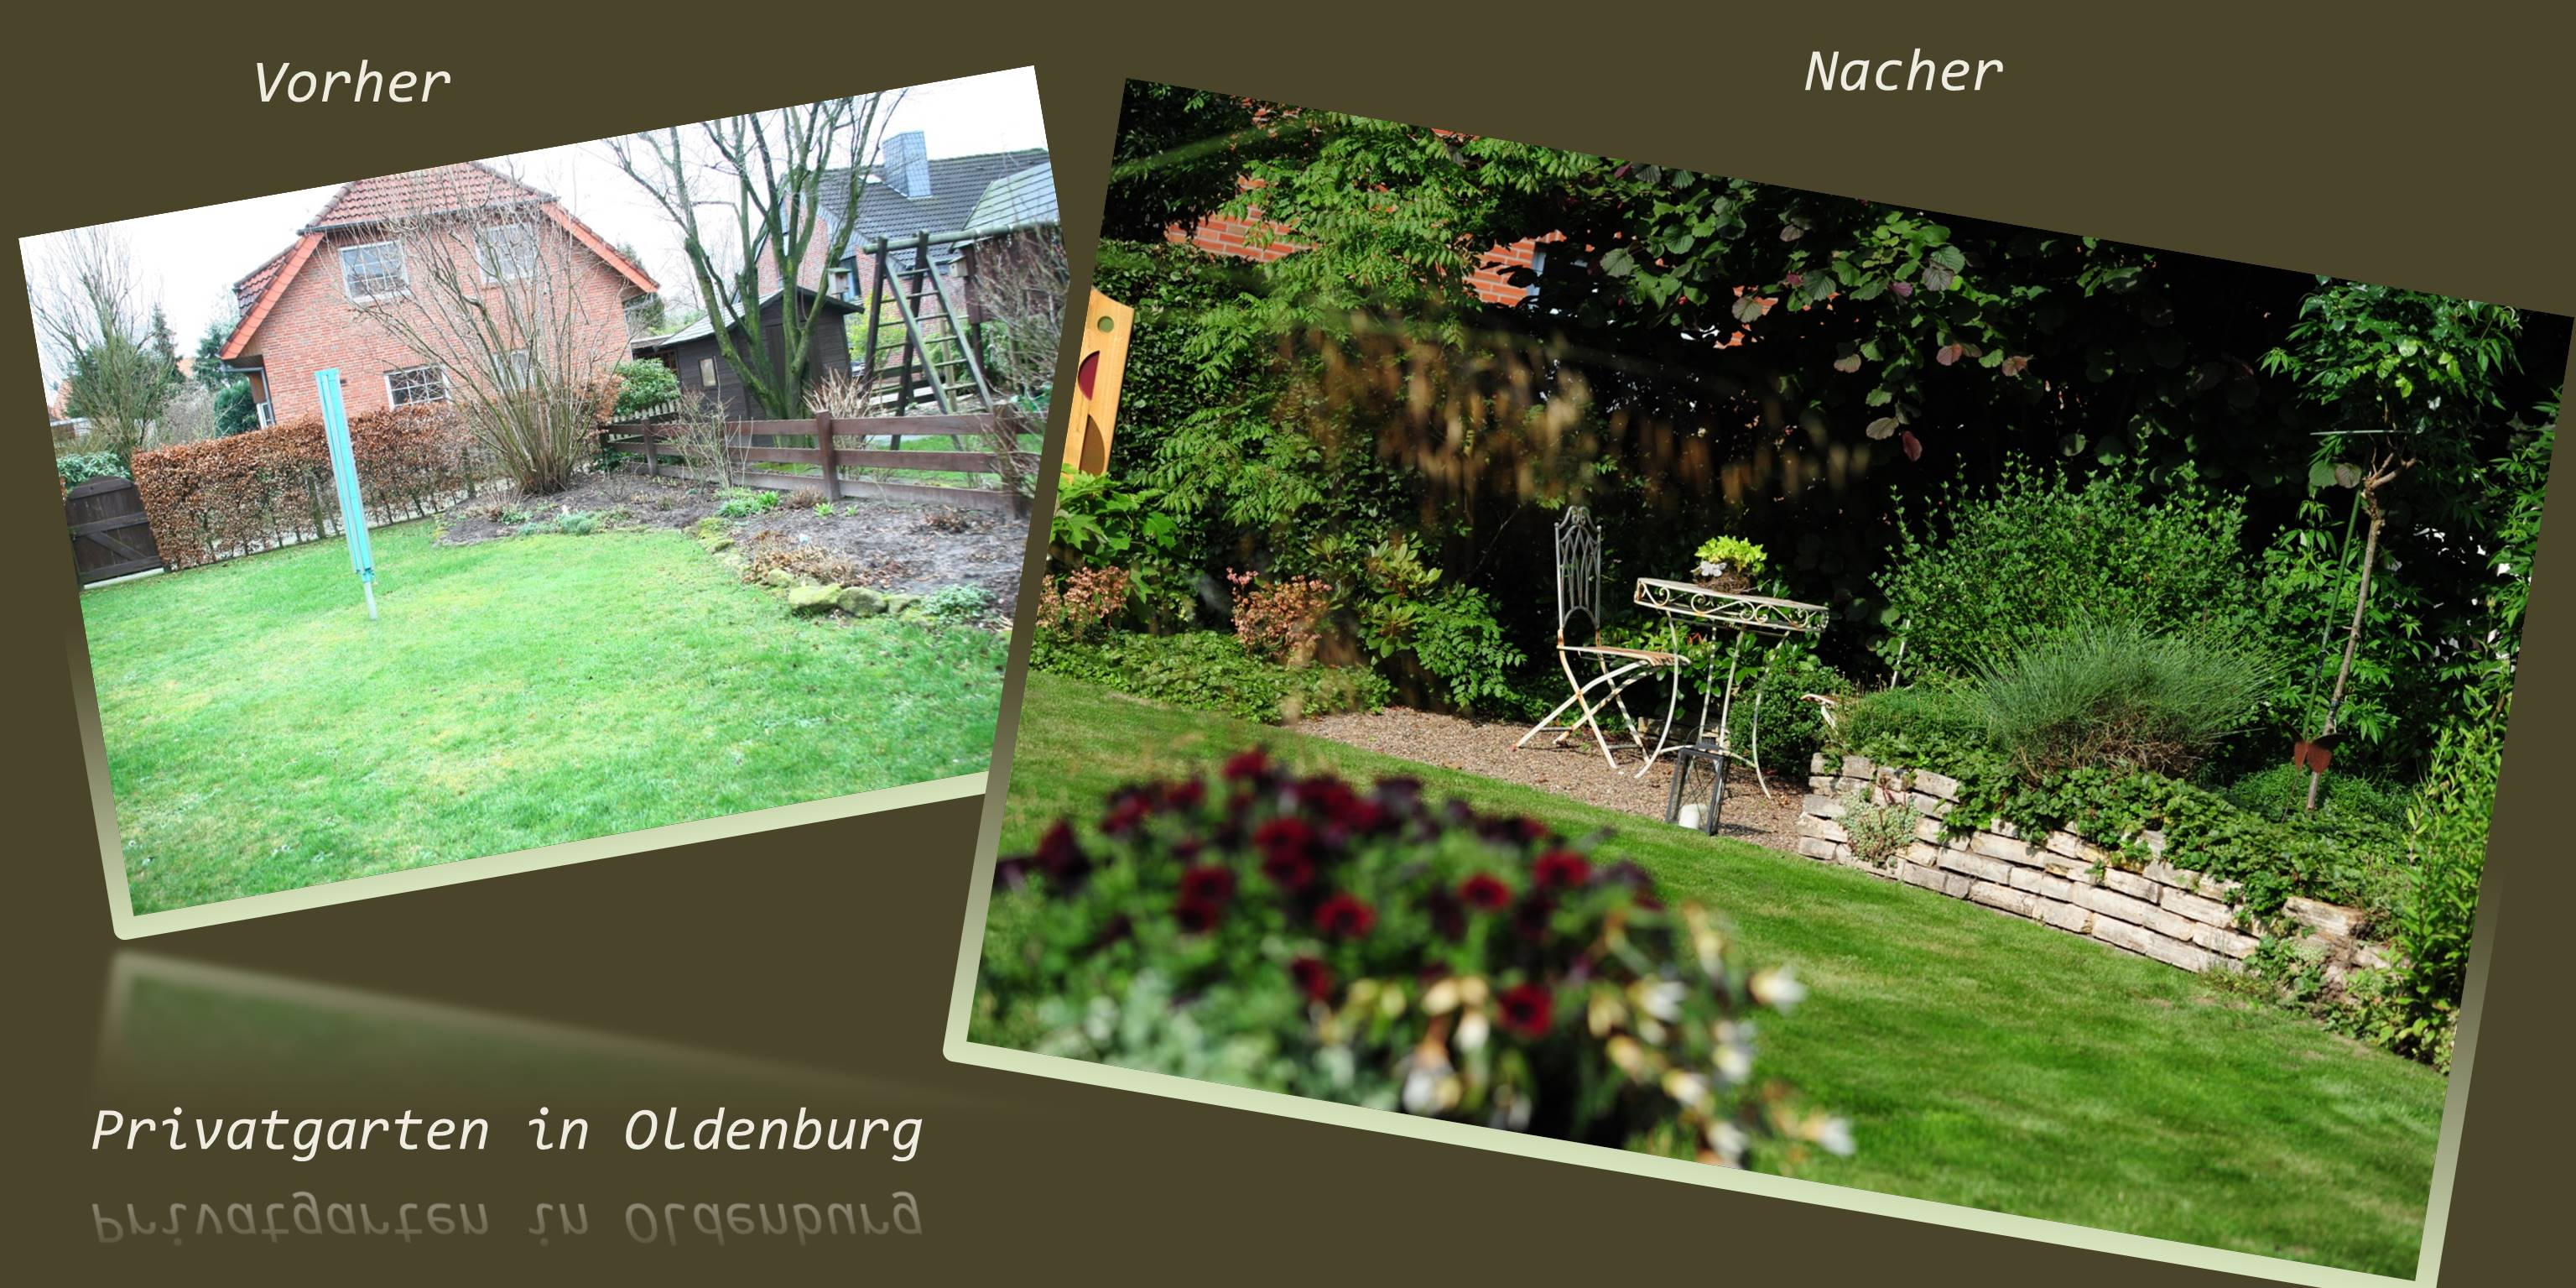 gartenplanung hestermeyer, referenzen, gartenideen, garten, Garten und erstellen